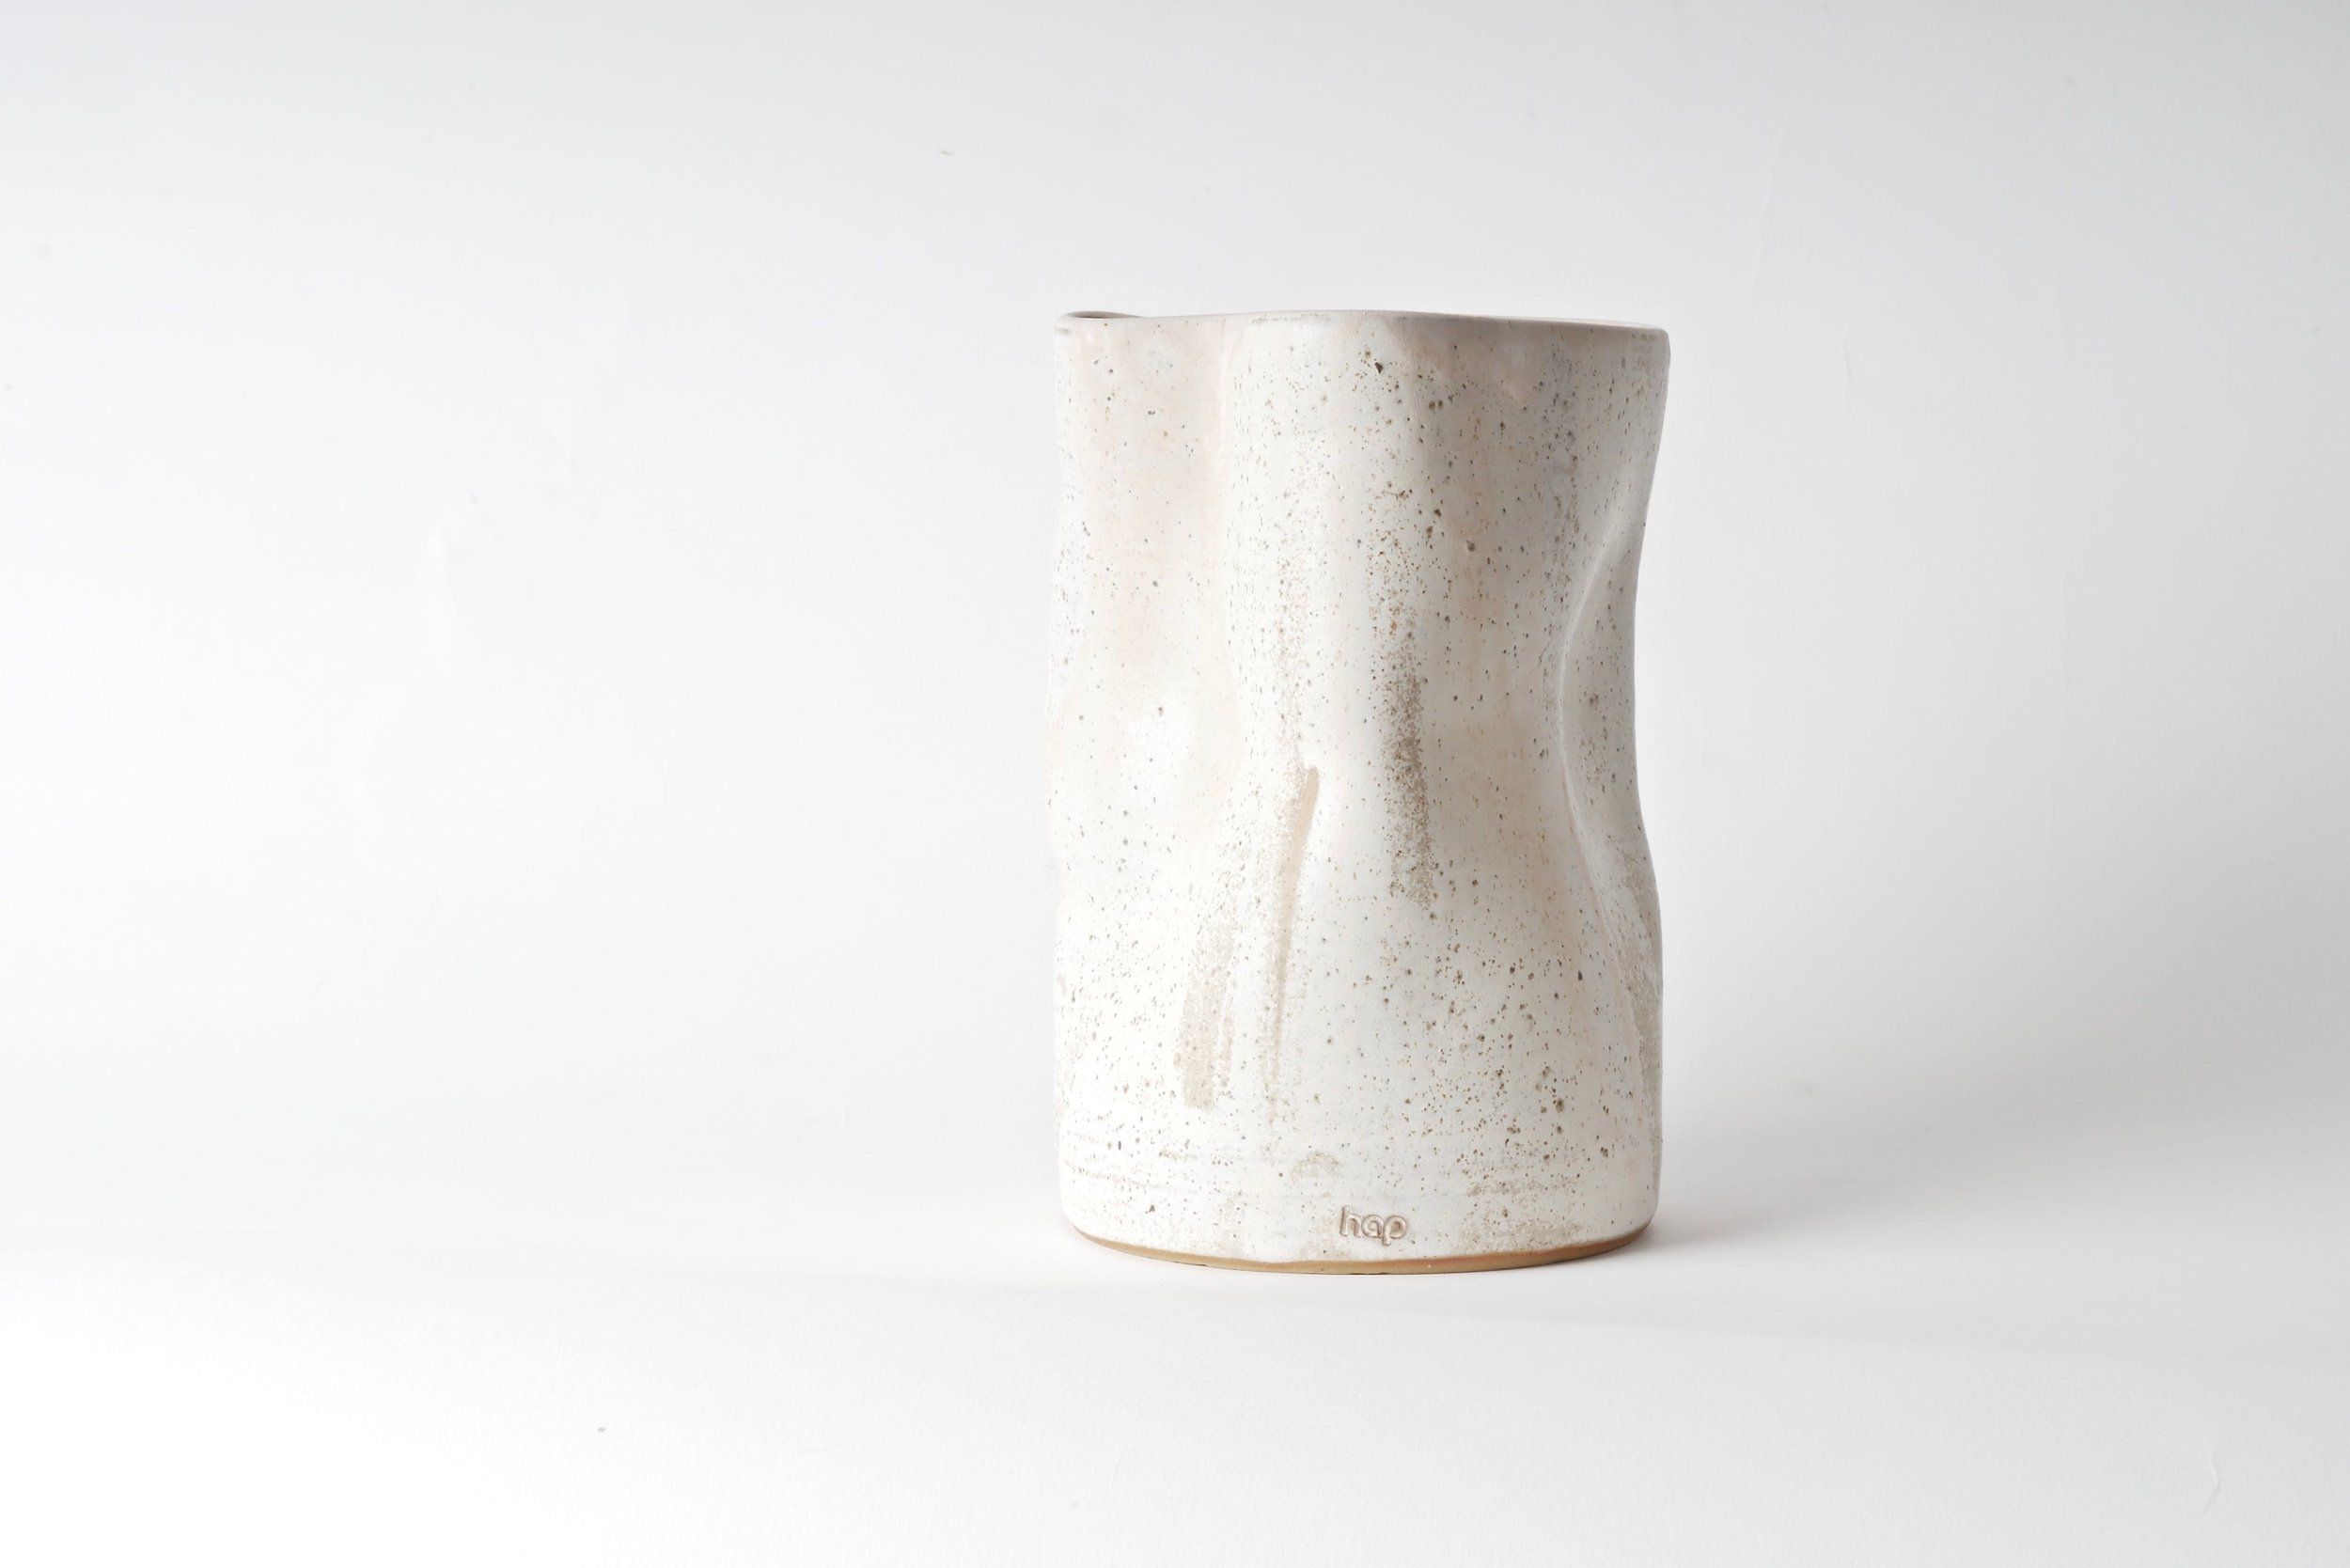 Vase_Deformiert_Hap_Ceramics_Keramik_Düsseldorf_Design_Interior_Maxi Hoffmann_Handgemacht_Design_Rosa_Weiß.jpg